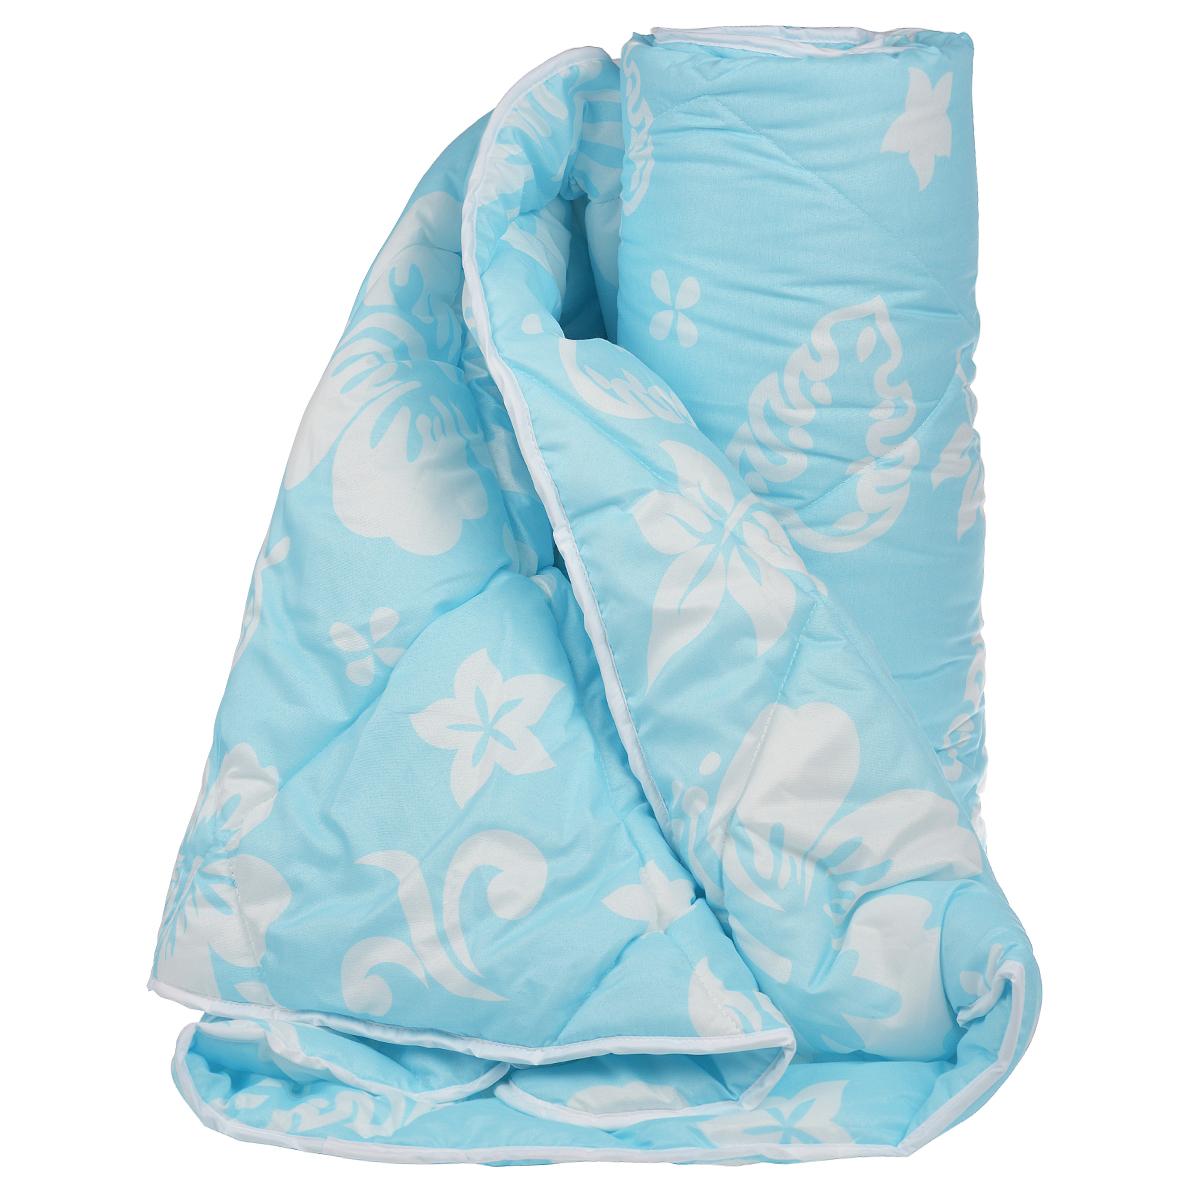 Одеяло Dargez Бомбей, наполнитель: бамбуковое волокно, цвет: голубой, белый, 140 х 205 смGC220/05Одеяло Dargez Бомбей подарит комфорт и уют во время сна. Чехол одеяла, выполненный из микрофибры, оформлен фигурной стежкой, которая надежно удерживает наполнитель внутри. Волокно на основе бамбука - инновационный наполнитель, обладающий за счет своей пористой структуры хорошей воздухонепроницаемостью и высокой гигроскопичностью, обеспечивает оптимальный уровень влажности во время сна и создает чувство прохлады в жаркие дни. Антибактериальный эффект наполнителя достигается за счет содержания в нем специального компонента, а также за счет поглощения влаги, что создает сухой микроклимат, препятствующий росту бактерий. Основные свойства волокна: - хорошая терморегуляция, - свободная циркуляция воздуха, - антибактериальные свойства, - повышенная гигроскопичность, - мягкость и легкость, - удобство в эксплуатации и легкость стирки. Рекомендации по уходу: - Стирка при температуре не более 40°С. - Запрещается отбеливать, гладить.- Можно выжимать и сушить в стиральной машине.